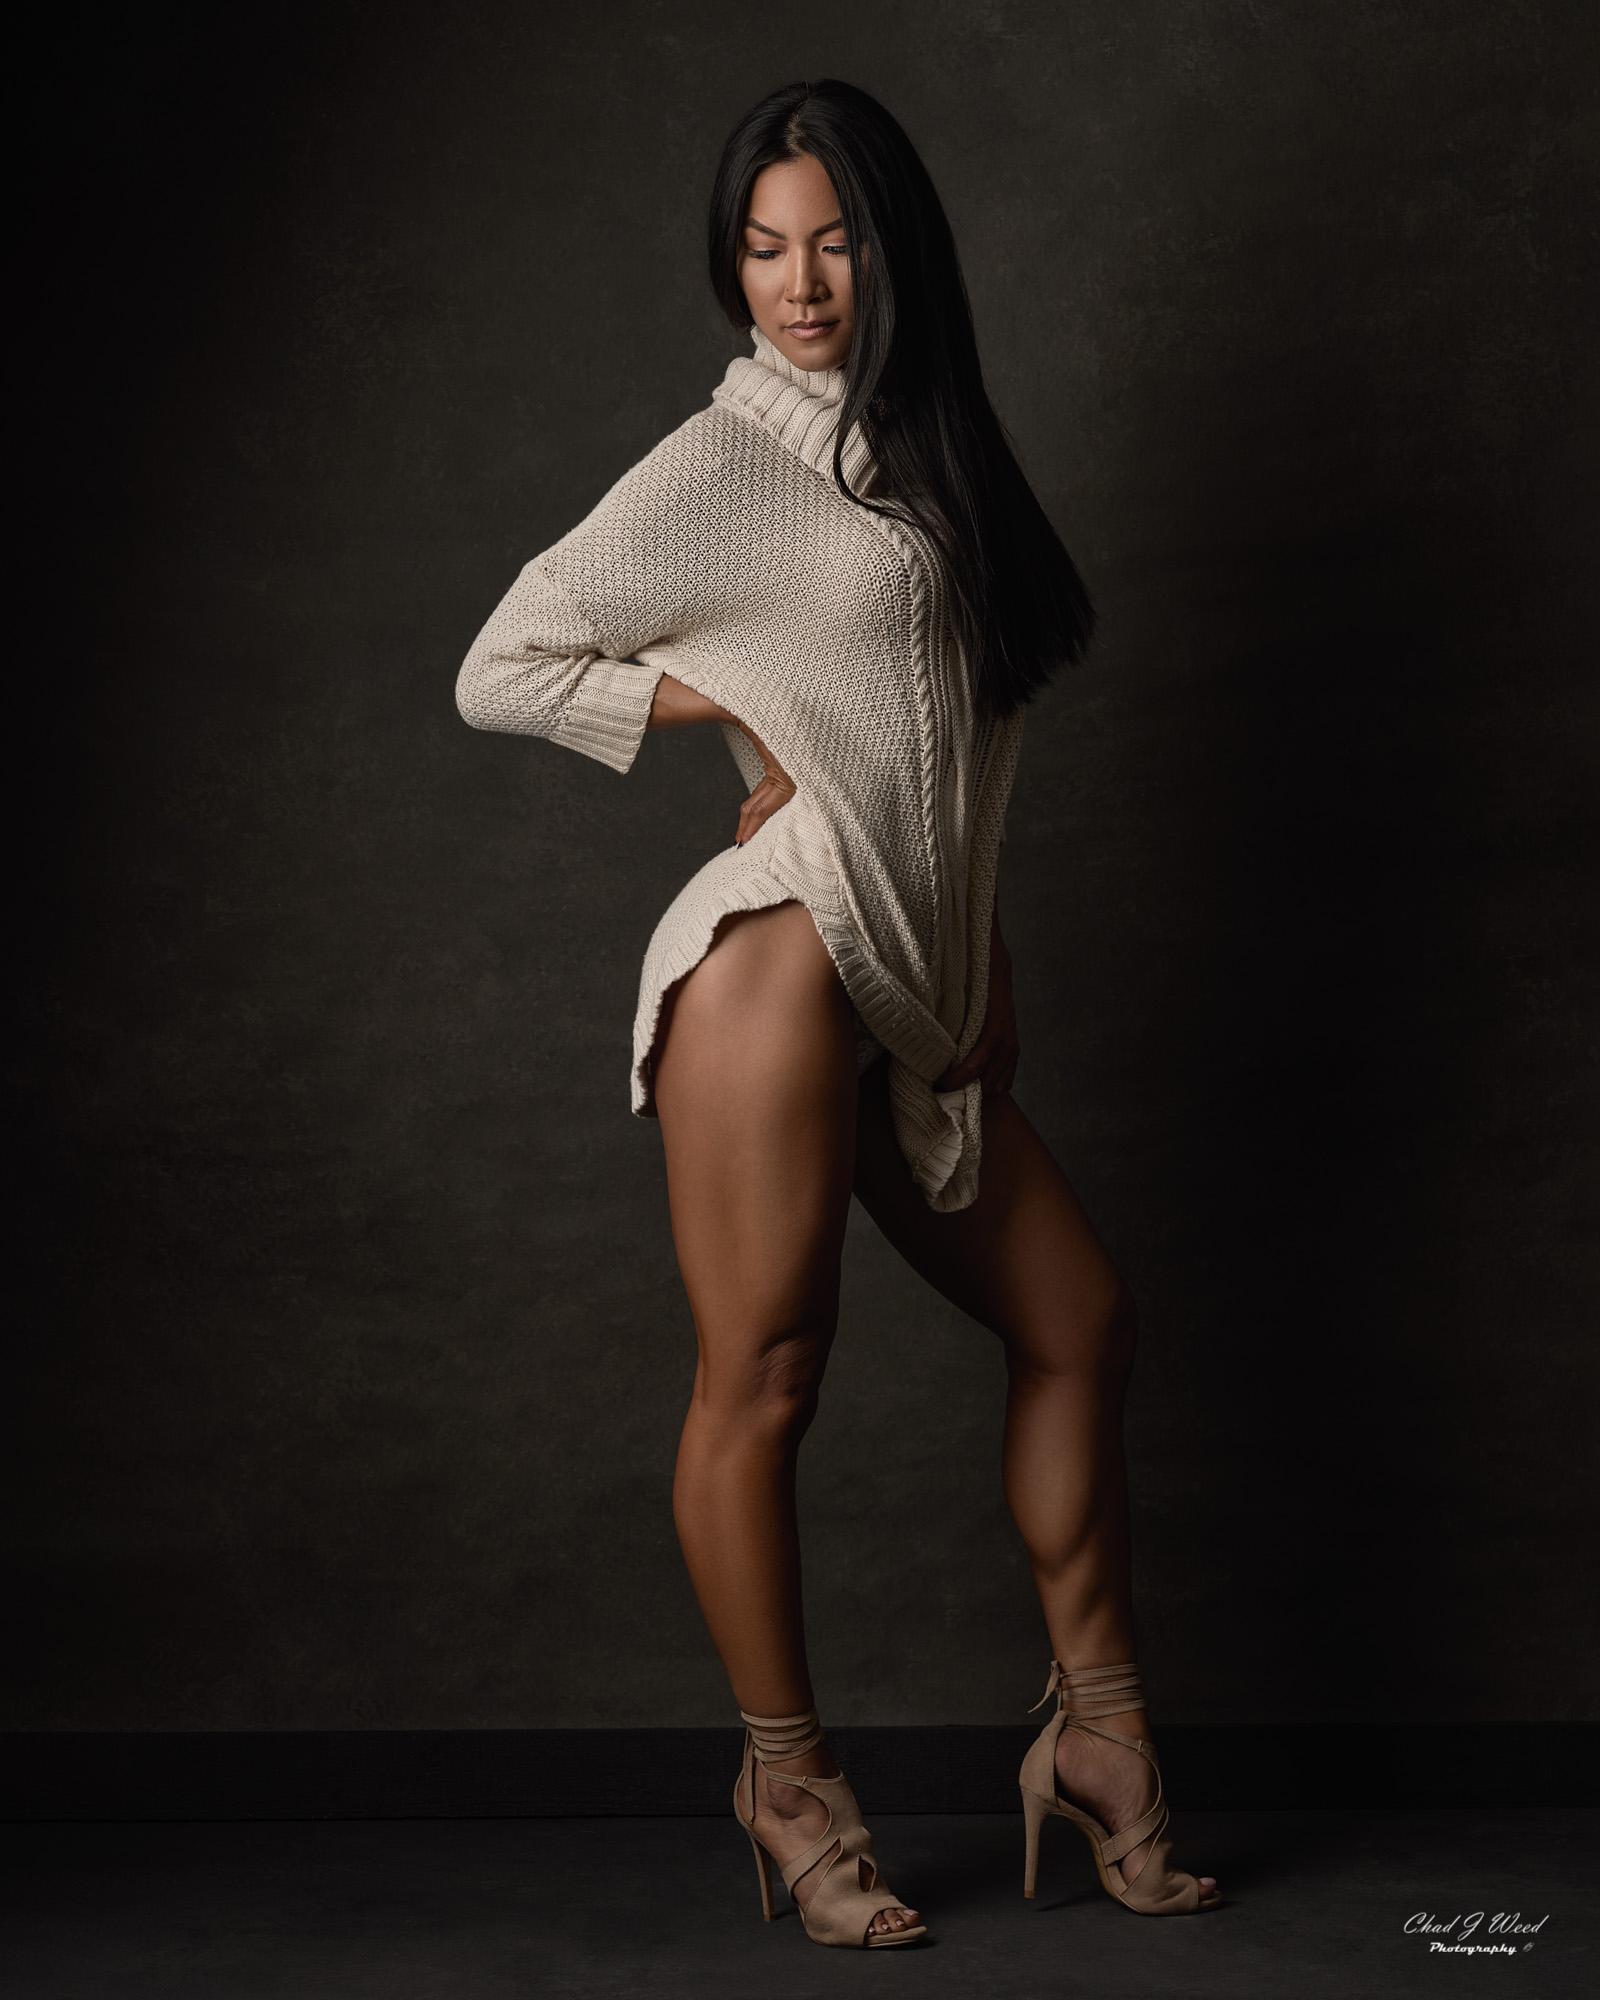 Mesa Arizona Fitness Model Photographer Chad Weed with Fitness Bikini Model Lora